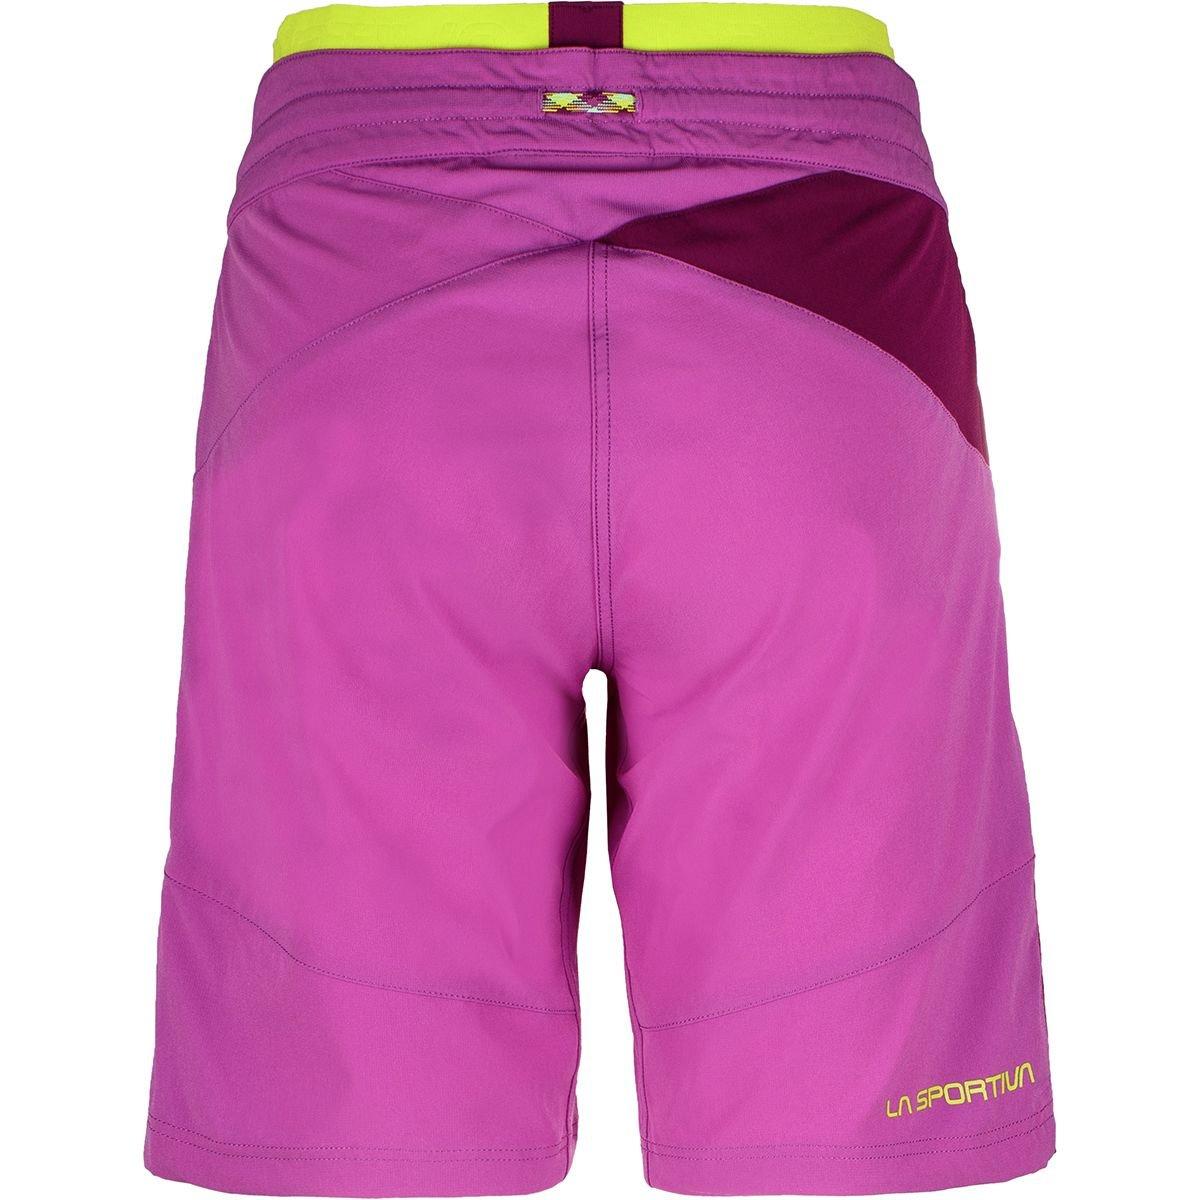 La Sportiva TX Short - Women's Purple/Plum, XS by La Sportiva (Image #2)